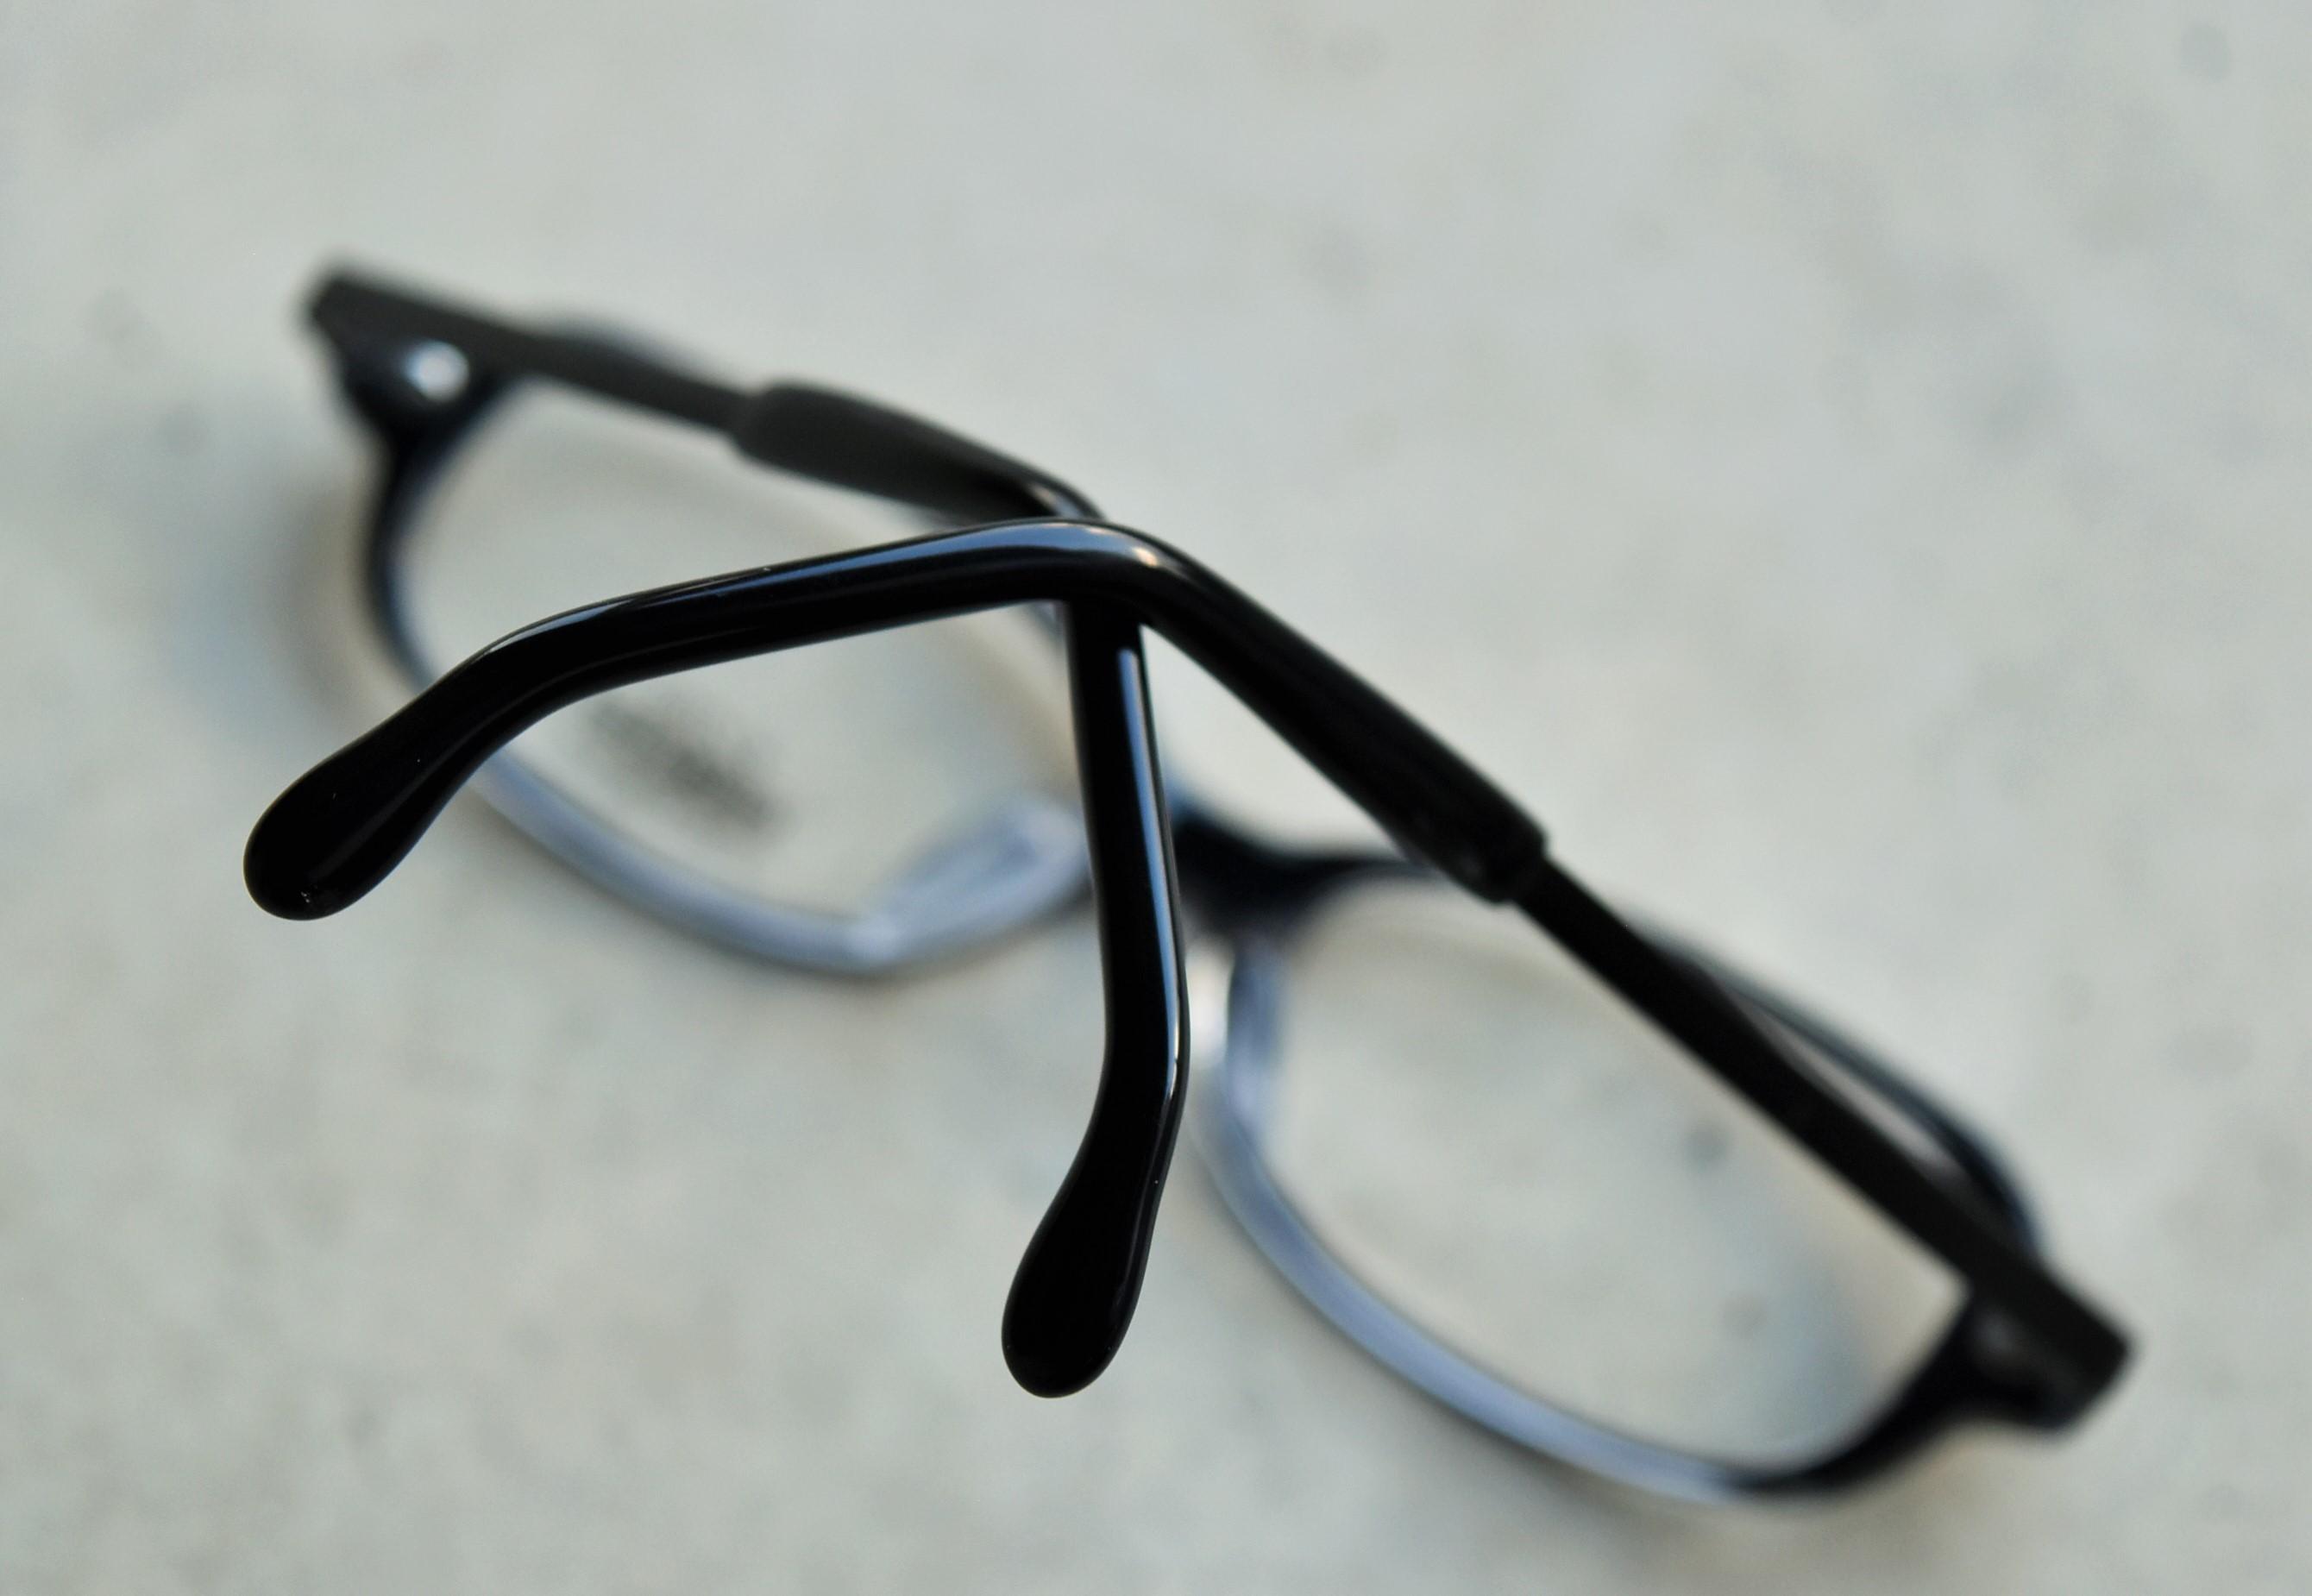 2段曲げモダンでずれにくい高品質こどもメガネ!  KOOKI _f0338654_17442583.jpg